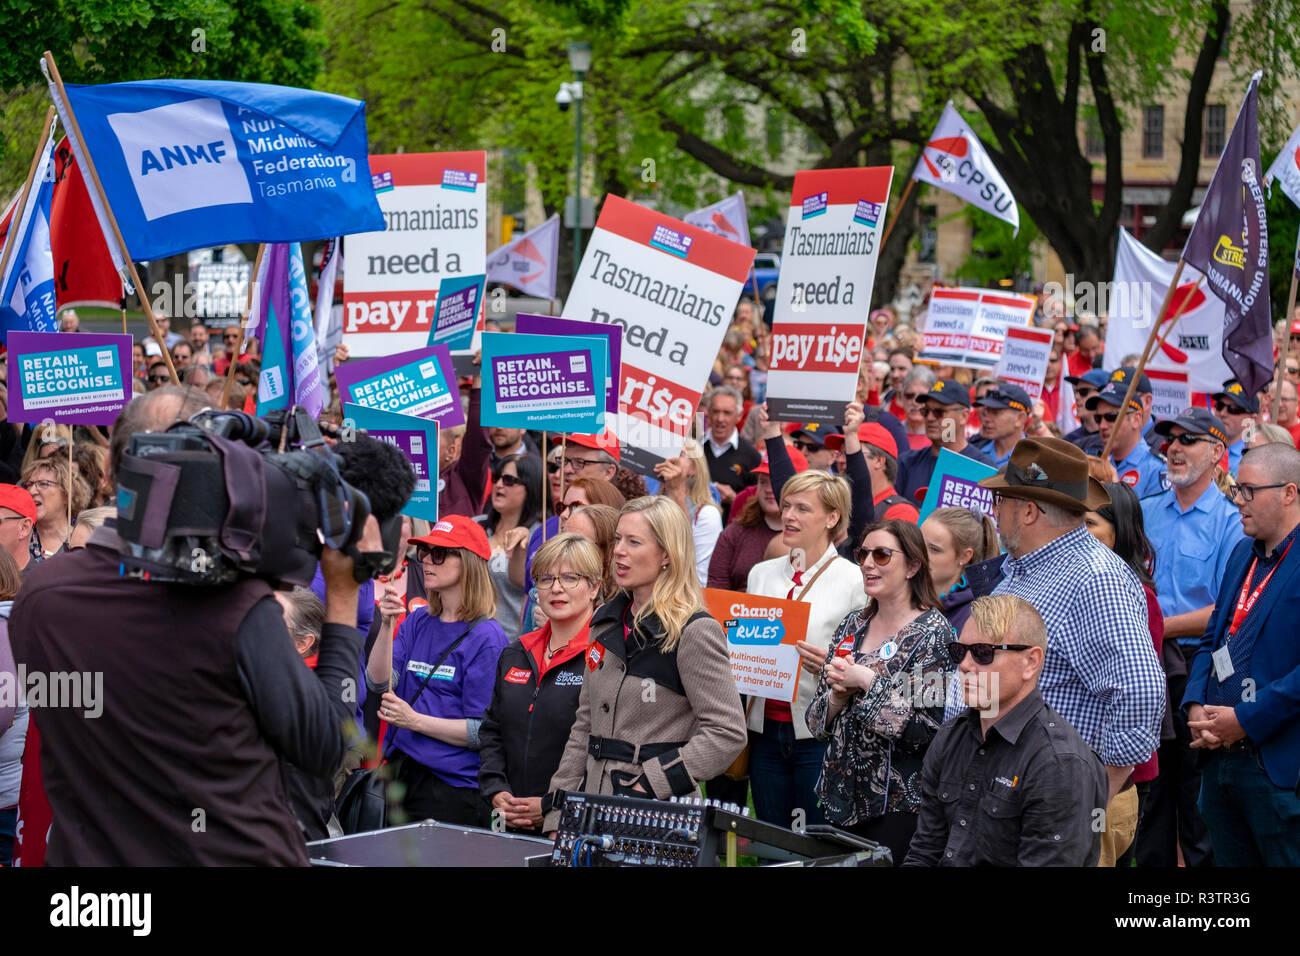 Los funcionarios públicos, maestros y trabajadores de la salud en Hobart, Tasmania protestando fuera del Parlamento exigiendo aumentos salariales. Foto de stock